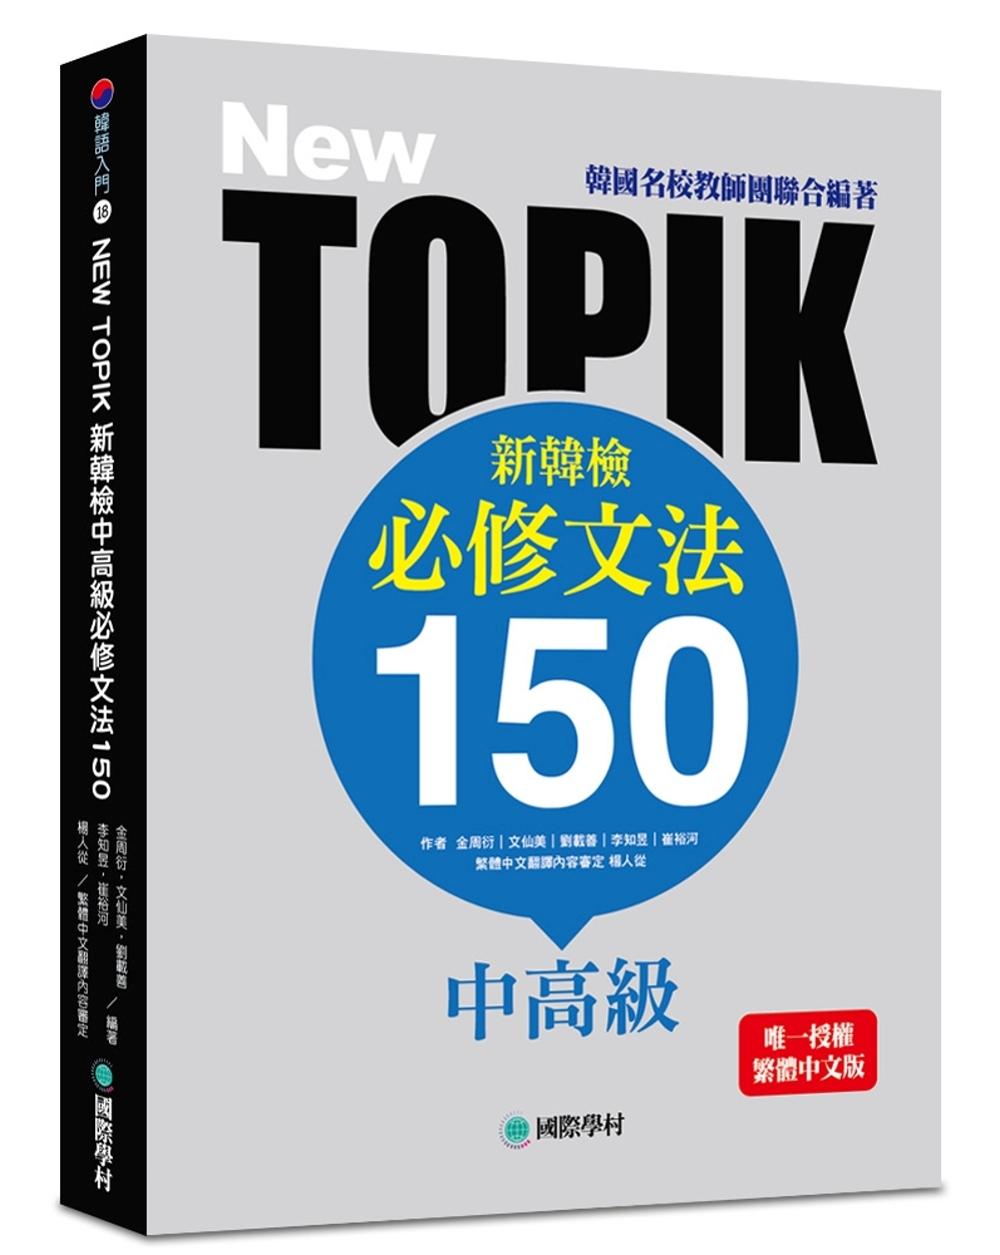 NEW TOPIK 新韓檢中高級必修文法150:韓國名校教師團聯合編著!唯一授權繁體中文版!